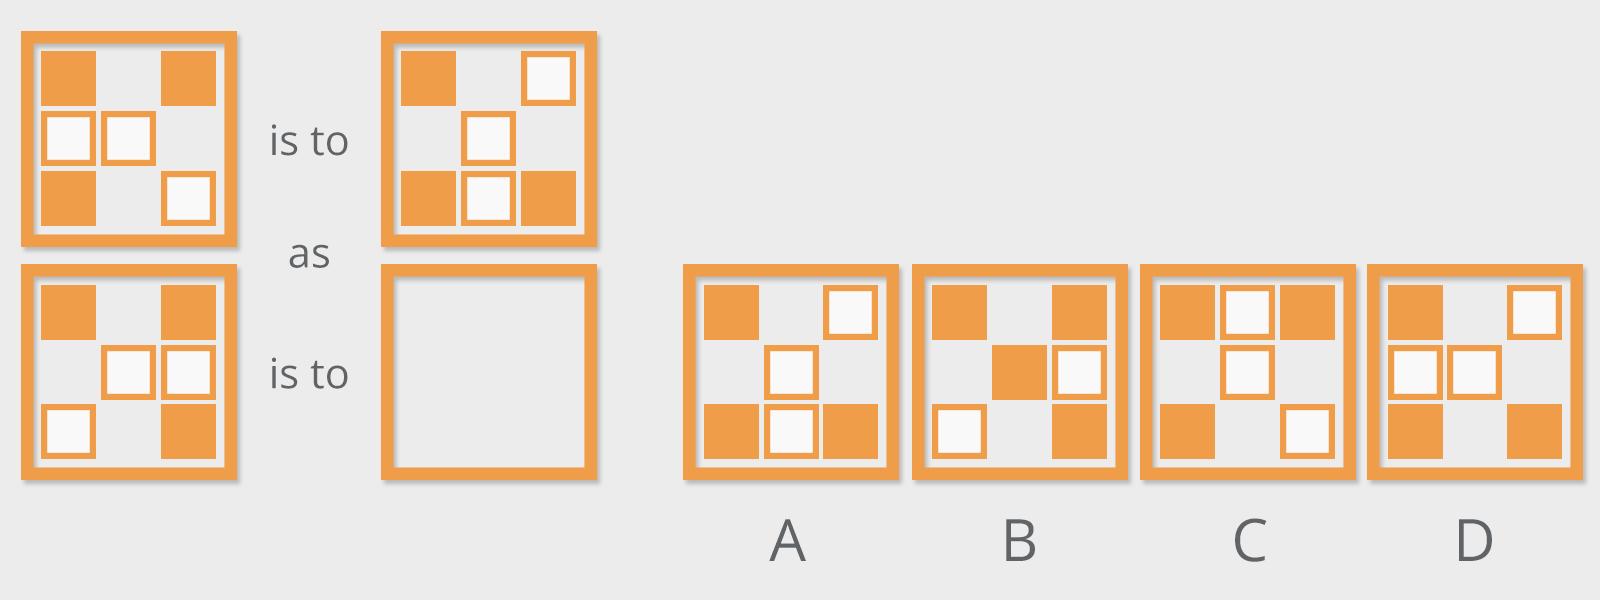 Abstract and Diagrammatic Reasoning